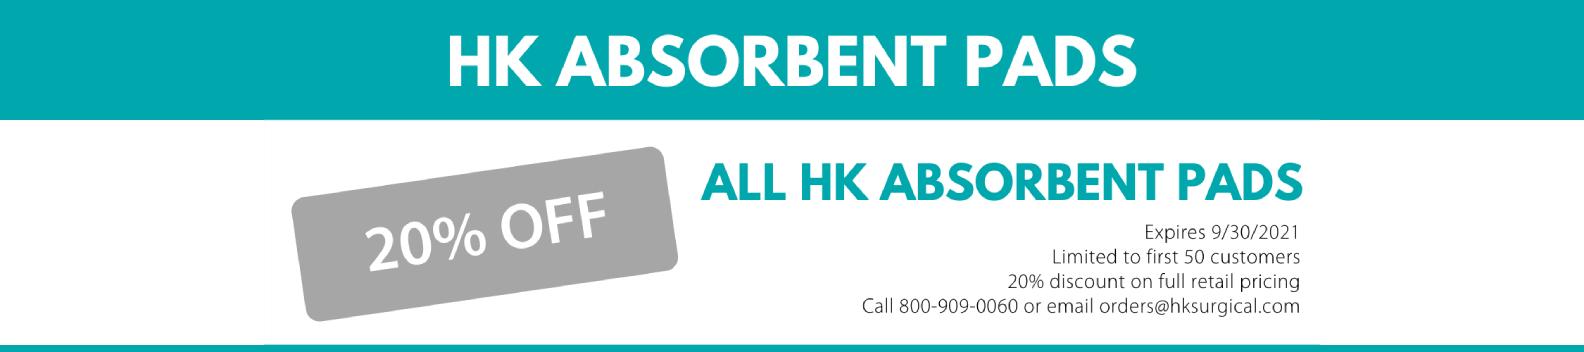 HKAbsorbentPads20%OFF